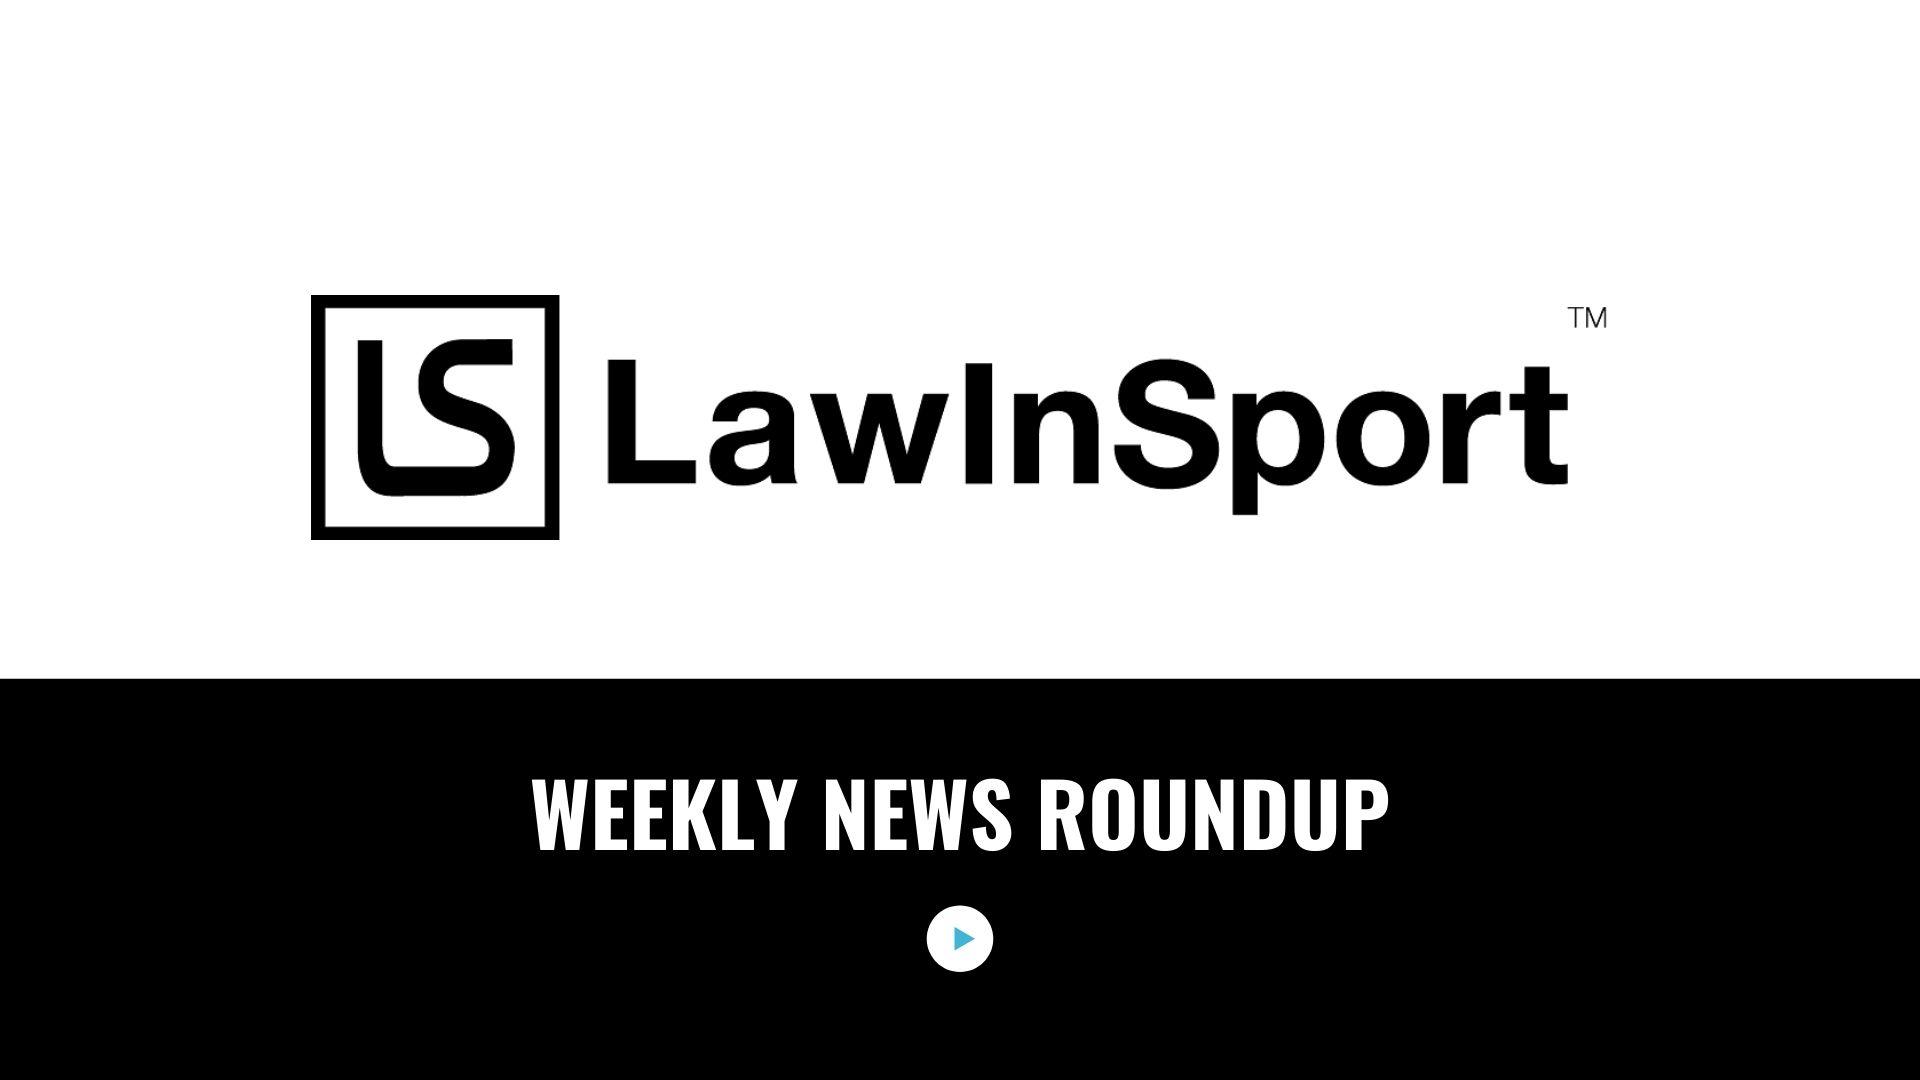 LIS News Roundup